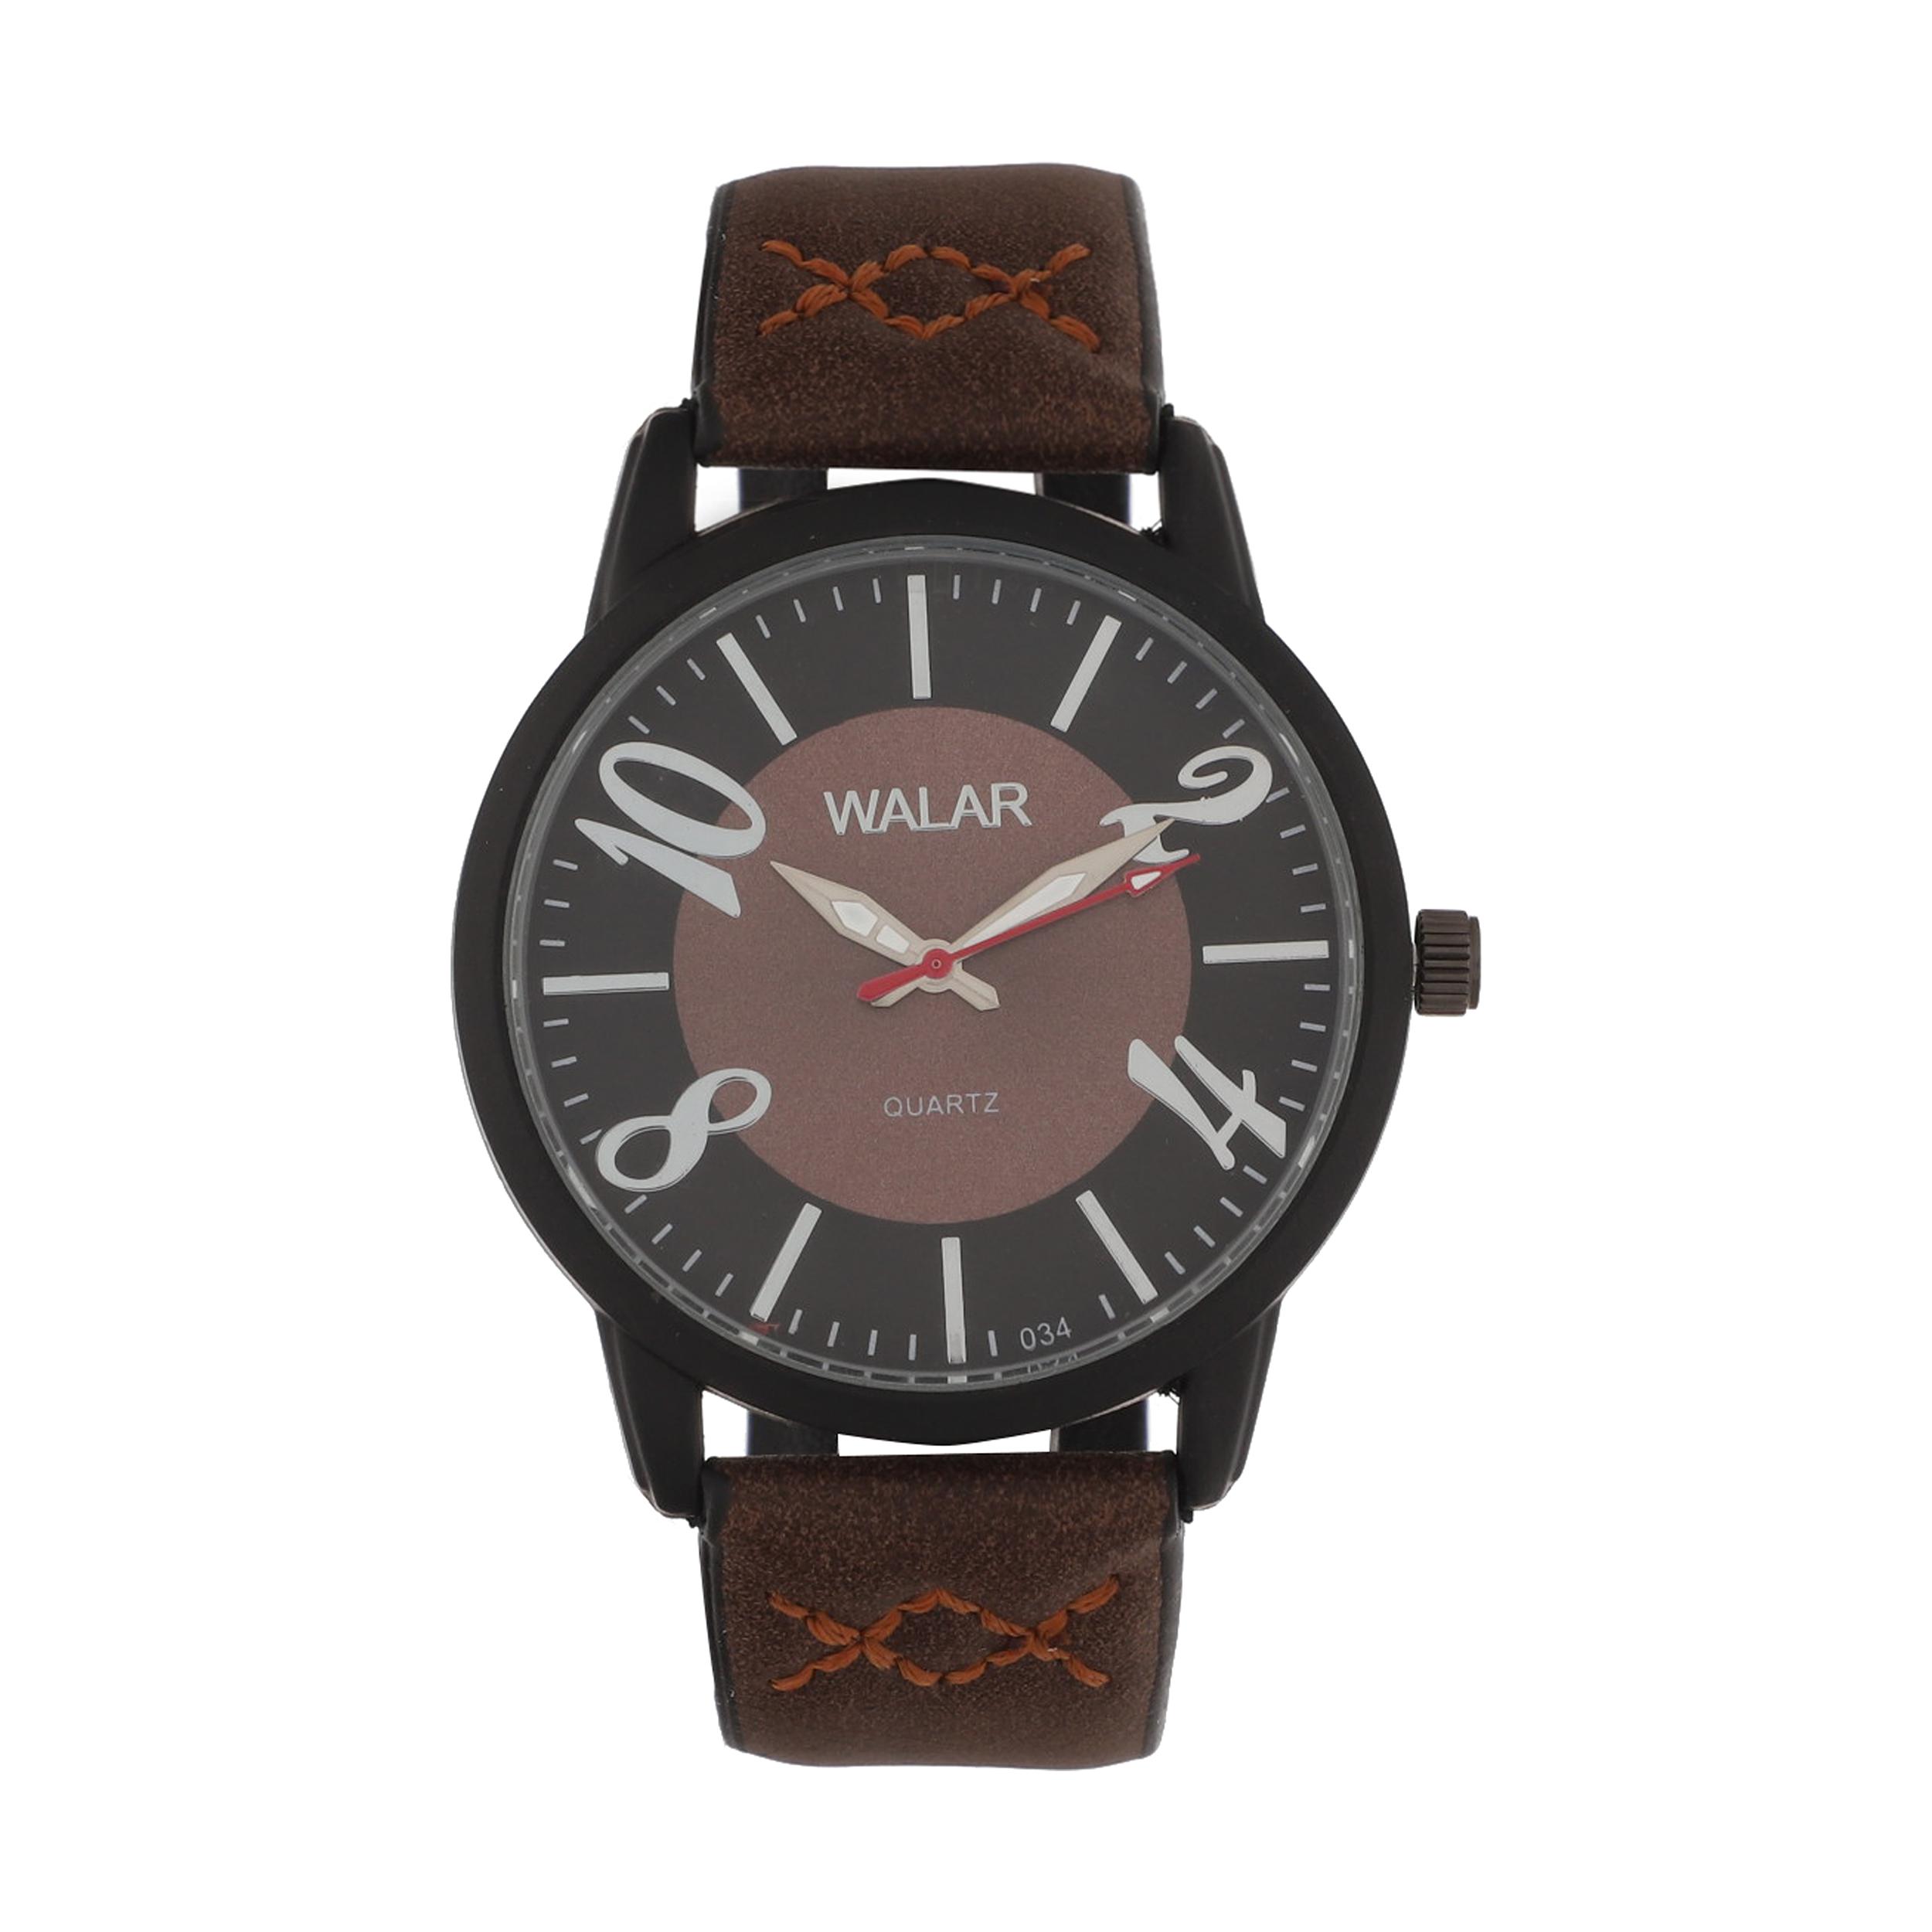 ساعت مچی عقربه ای والار مدل X141              خرید (⭐️⭐️⭐️)